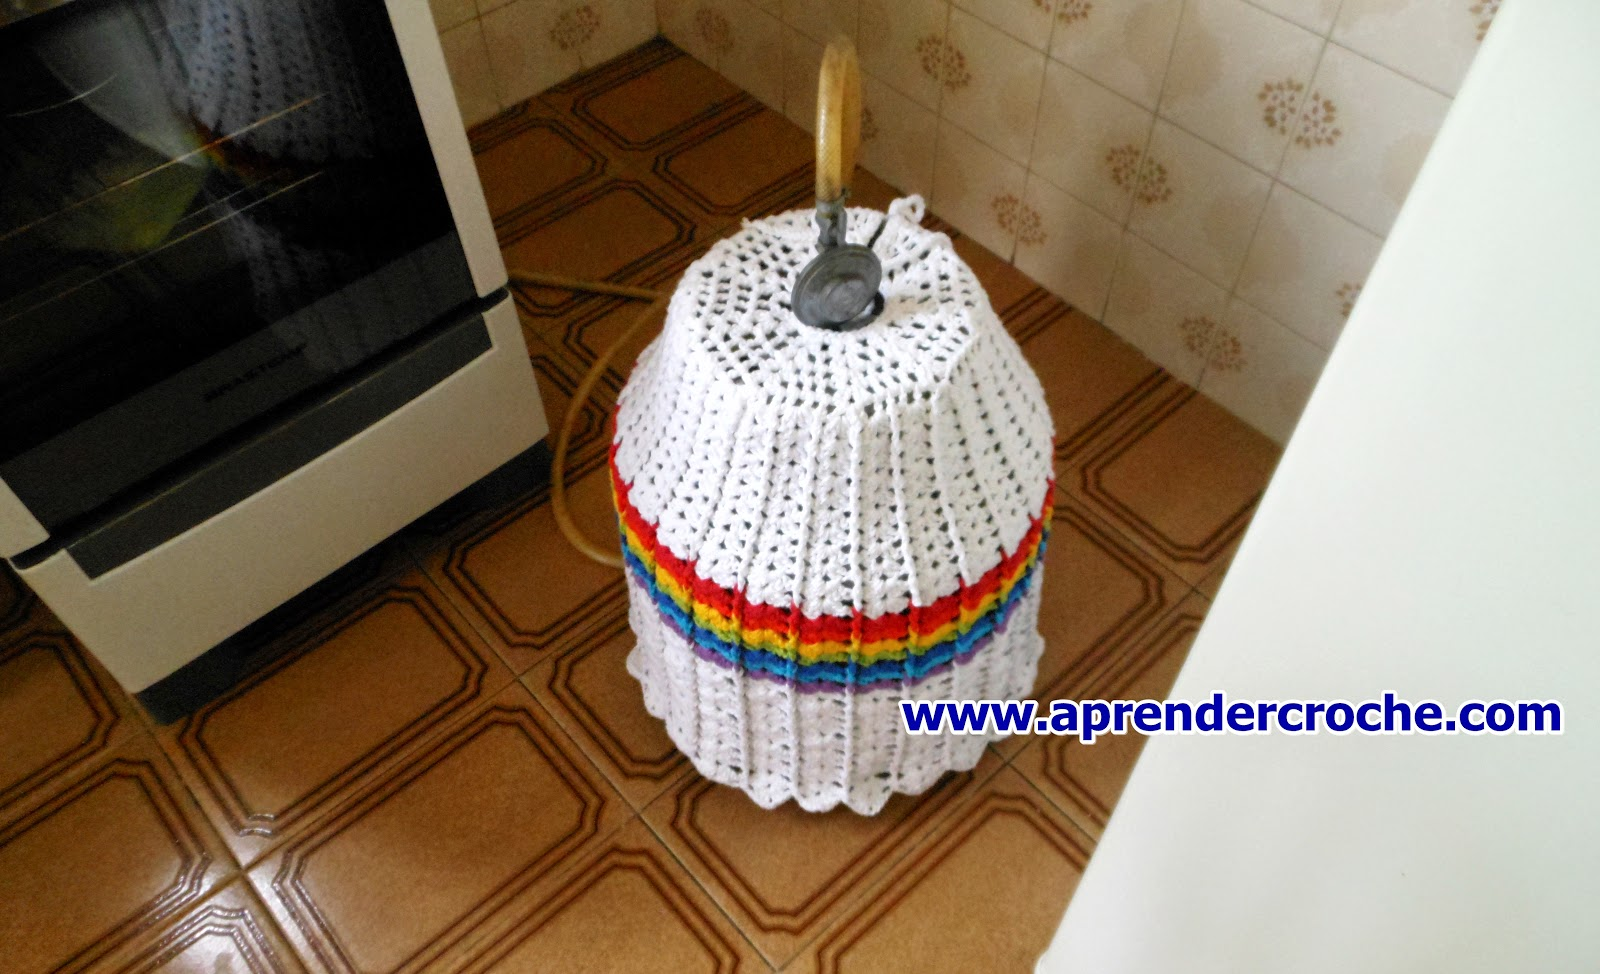 edinir croche ensina Como fazer essa linda capa de crochê para botijão de gás com edinir croche